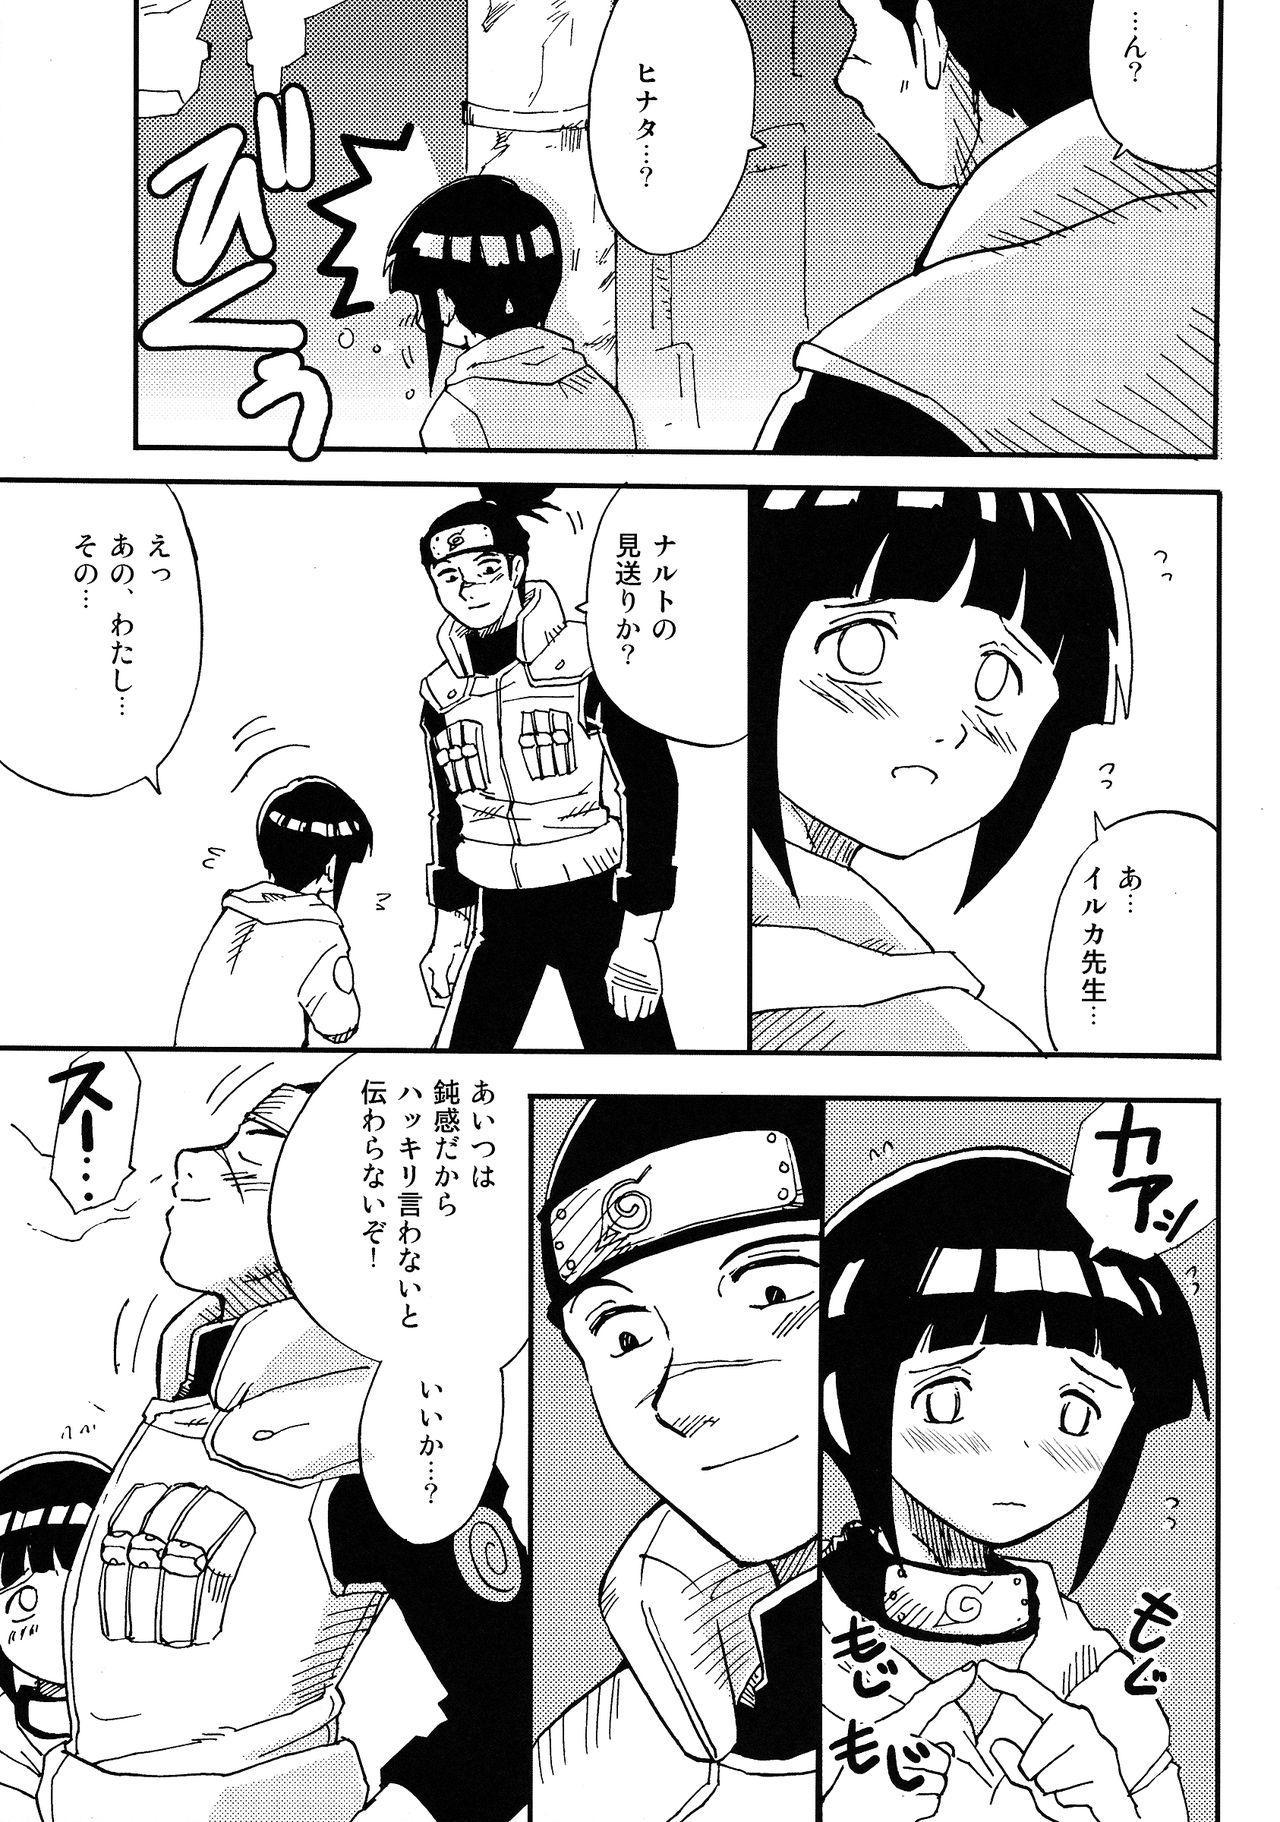 IruNaru no Wadachi 69